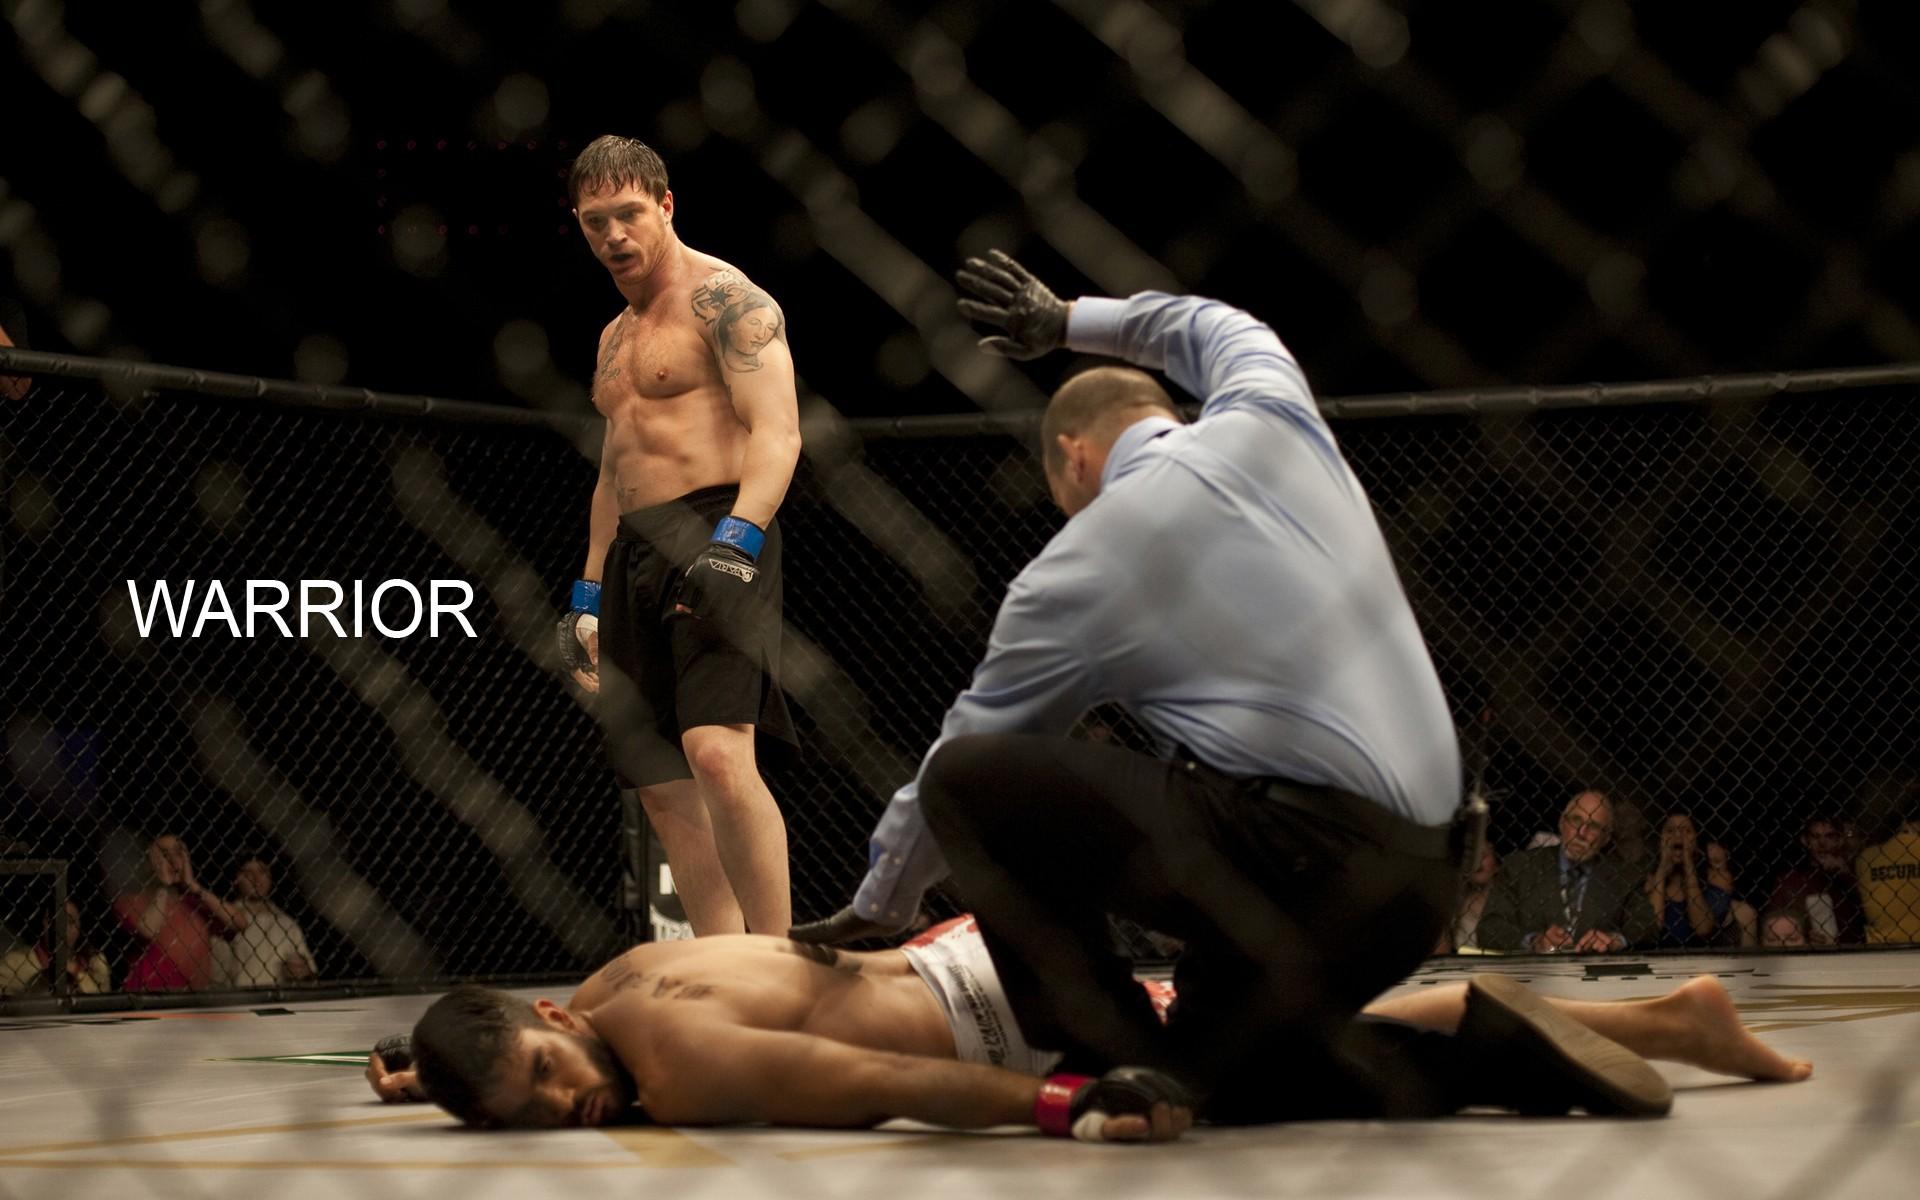 UFC Warrior Wallpapers UFC Warrior Myspace Backgrounds UFC Warrior 1920x1200